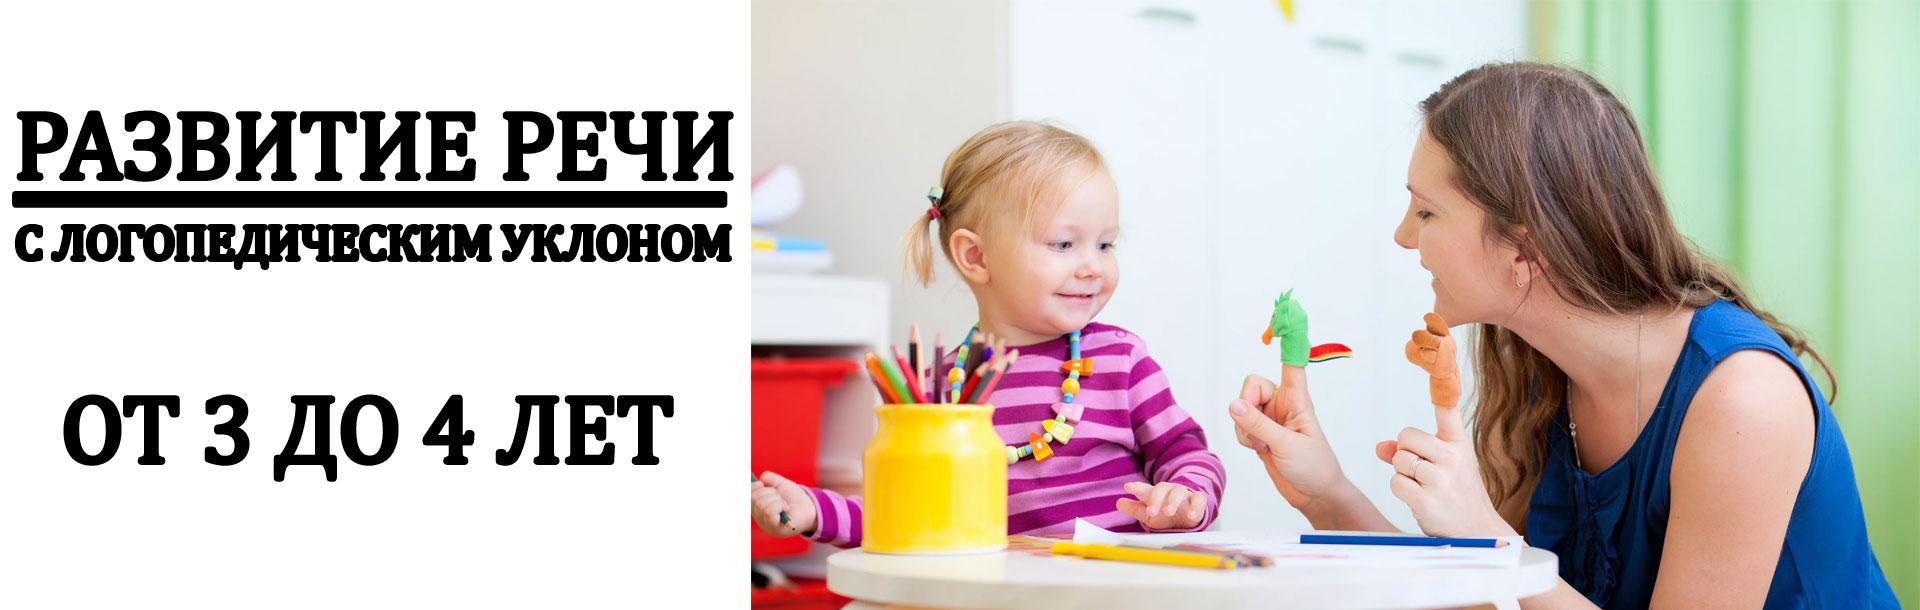 занятия с логопедом для детей 3 лет